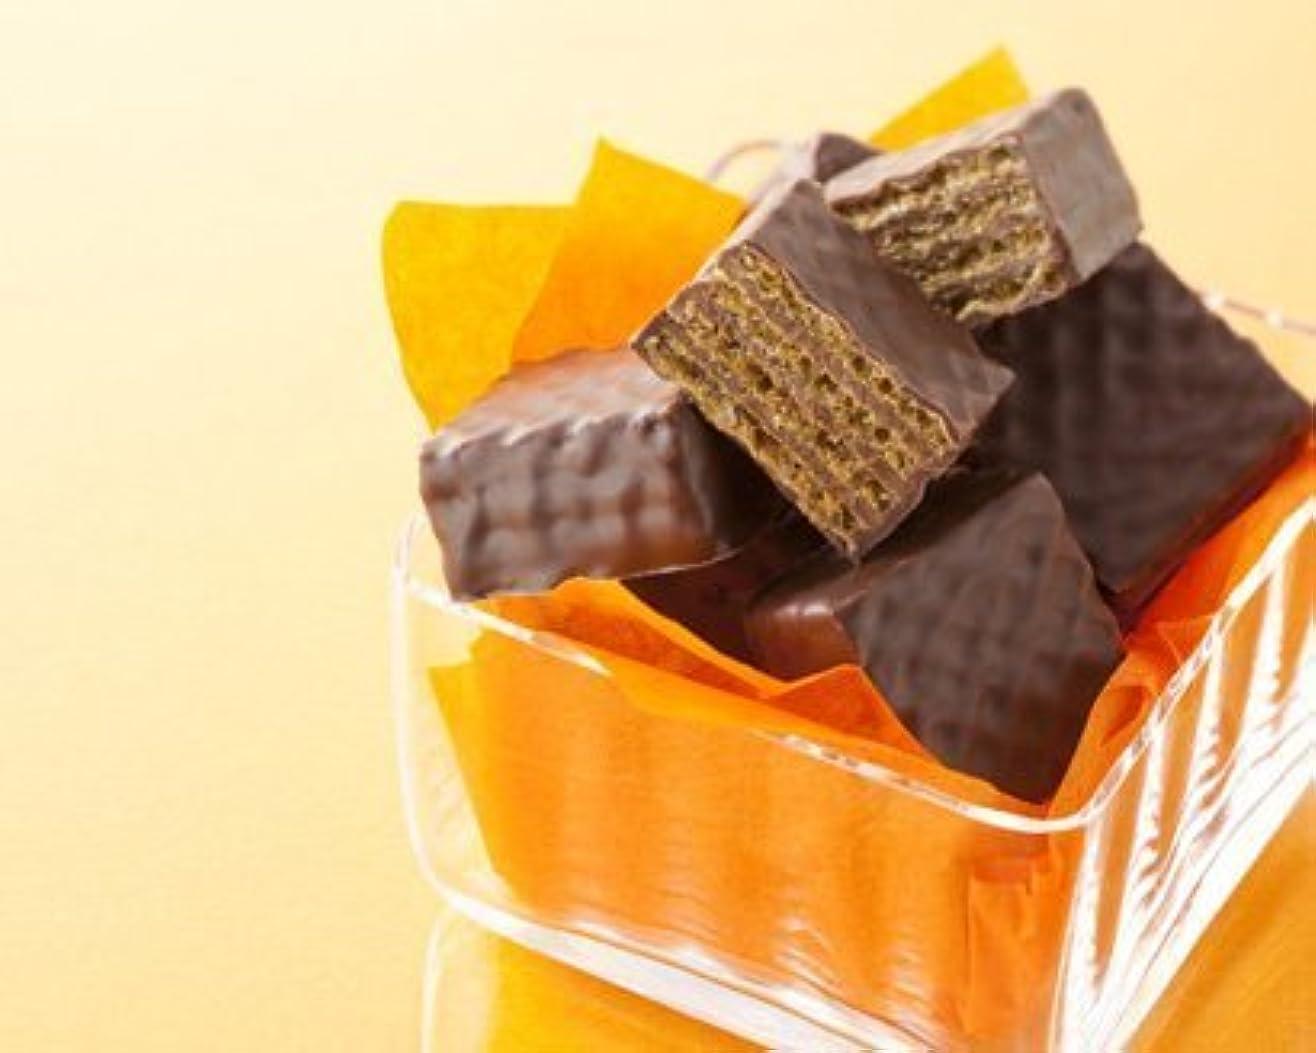 嫌がる作家がんばり続けるROYCE'(ロイズ) チョコレートウエハース(ヘーゼルクリーム) 12個